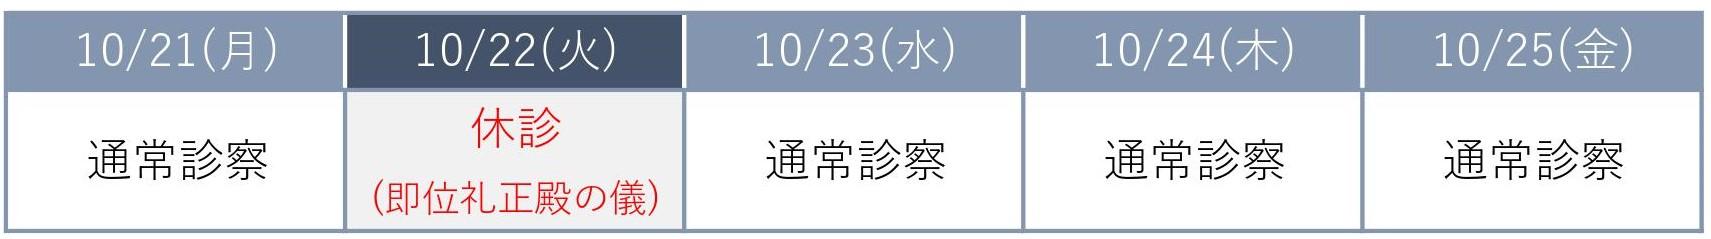 2019年10月22日_即位礼正殿の儀